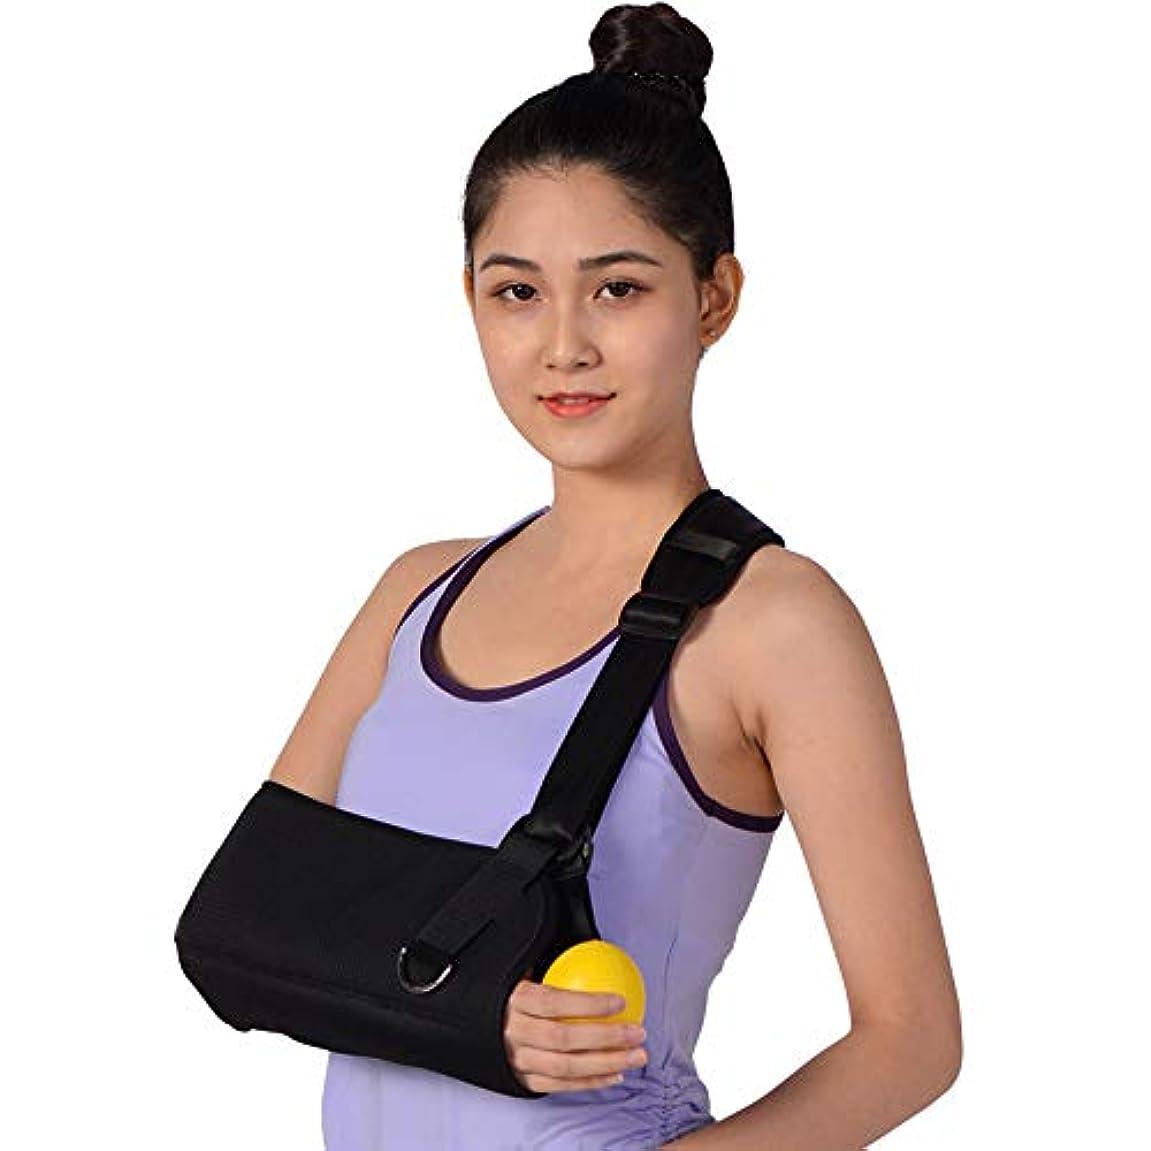 純正リサイクルする不適切な肩外転スリング、怪我サポート用イモビライザー、回旋腱板用痛み緩和アーム枕、サブレキシオン、手術、脱臼、骨折した腕